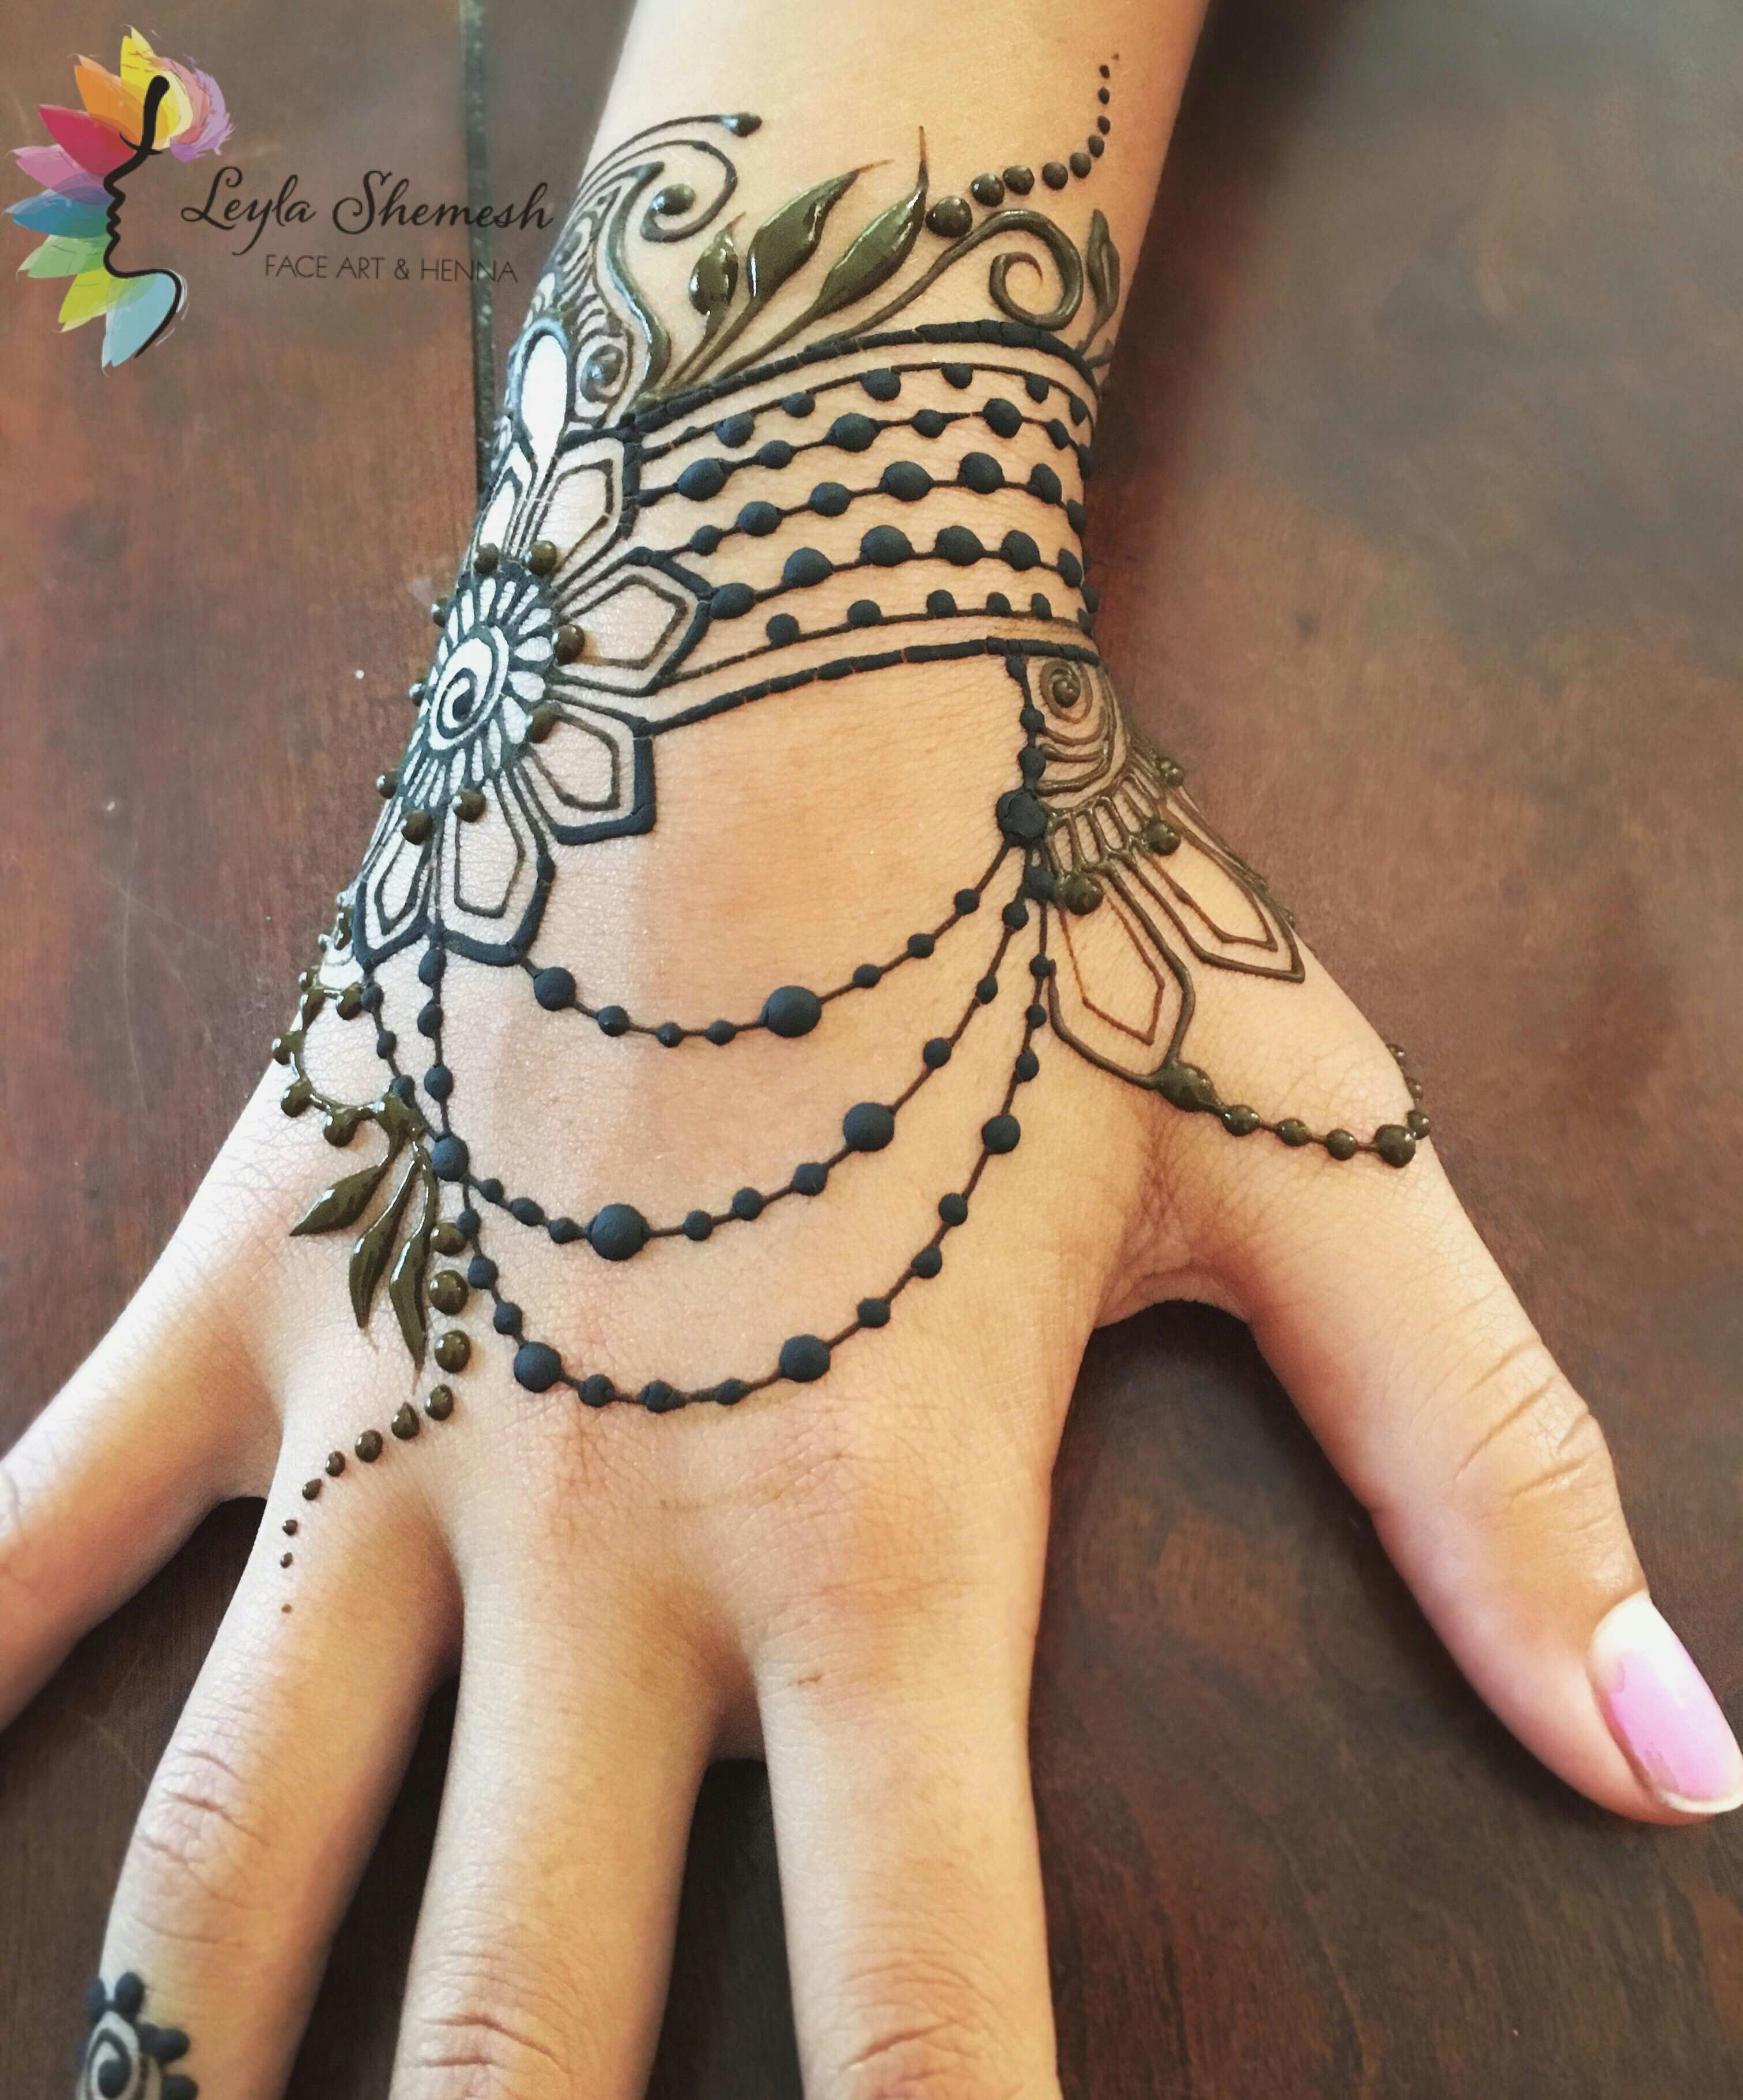 henna tattoo einfach am besten henna by leyla shemesh henna designs pinterest of inspirierende henna tattoo